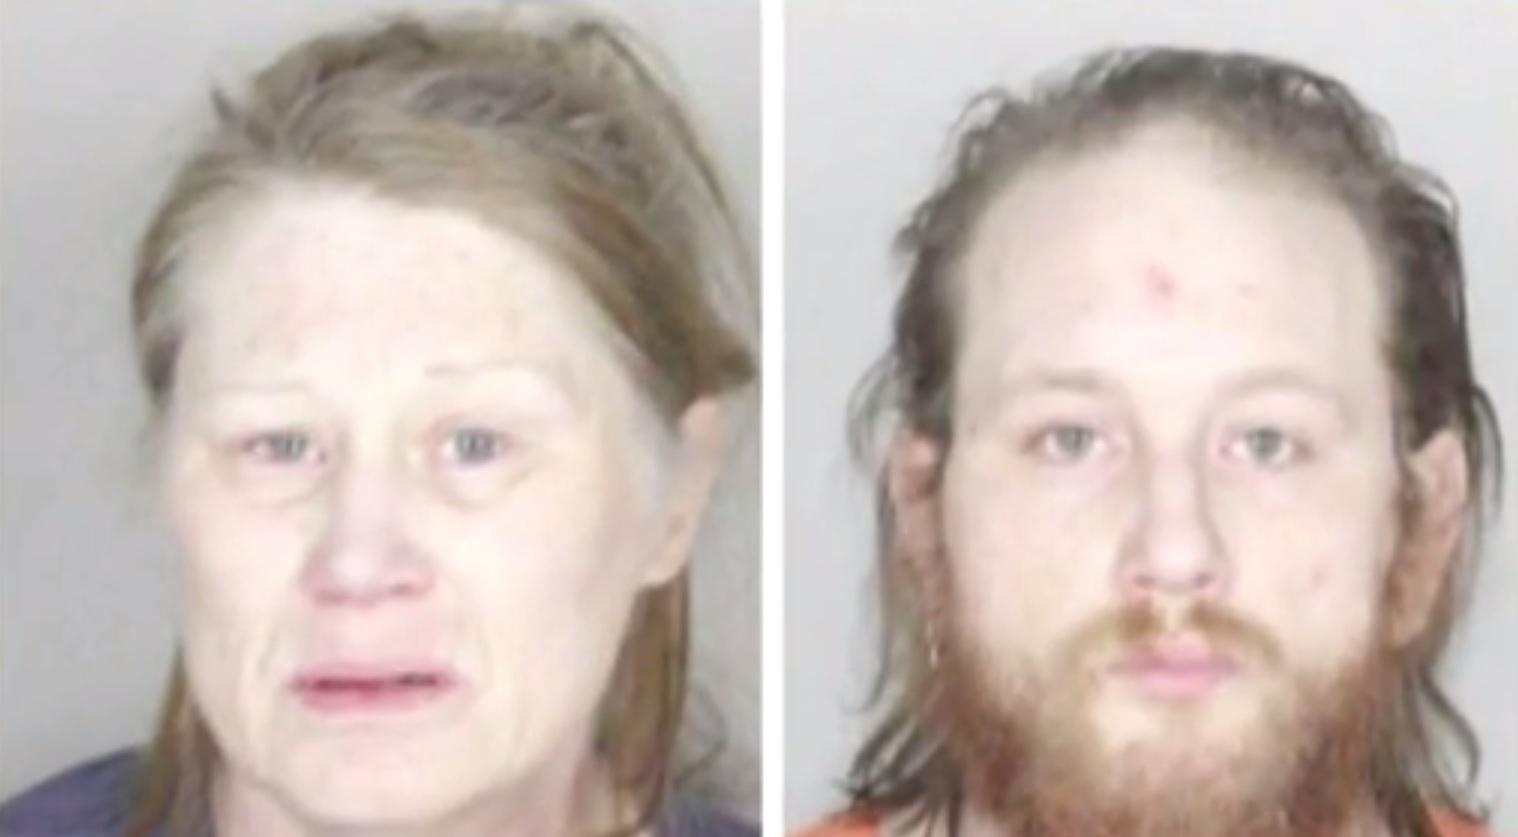 Police: Man uses mom as getaway driver in fast food heist